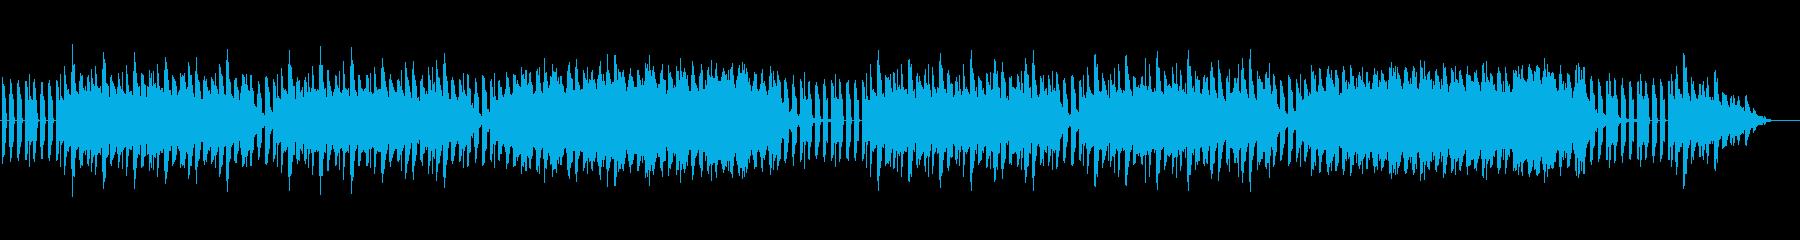 鉱山 工場 インダストリアル テクノの再生済みの波形